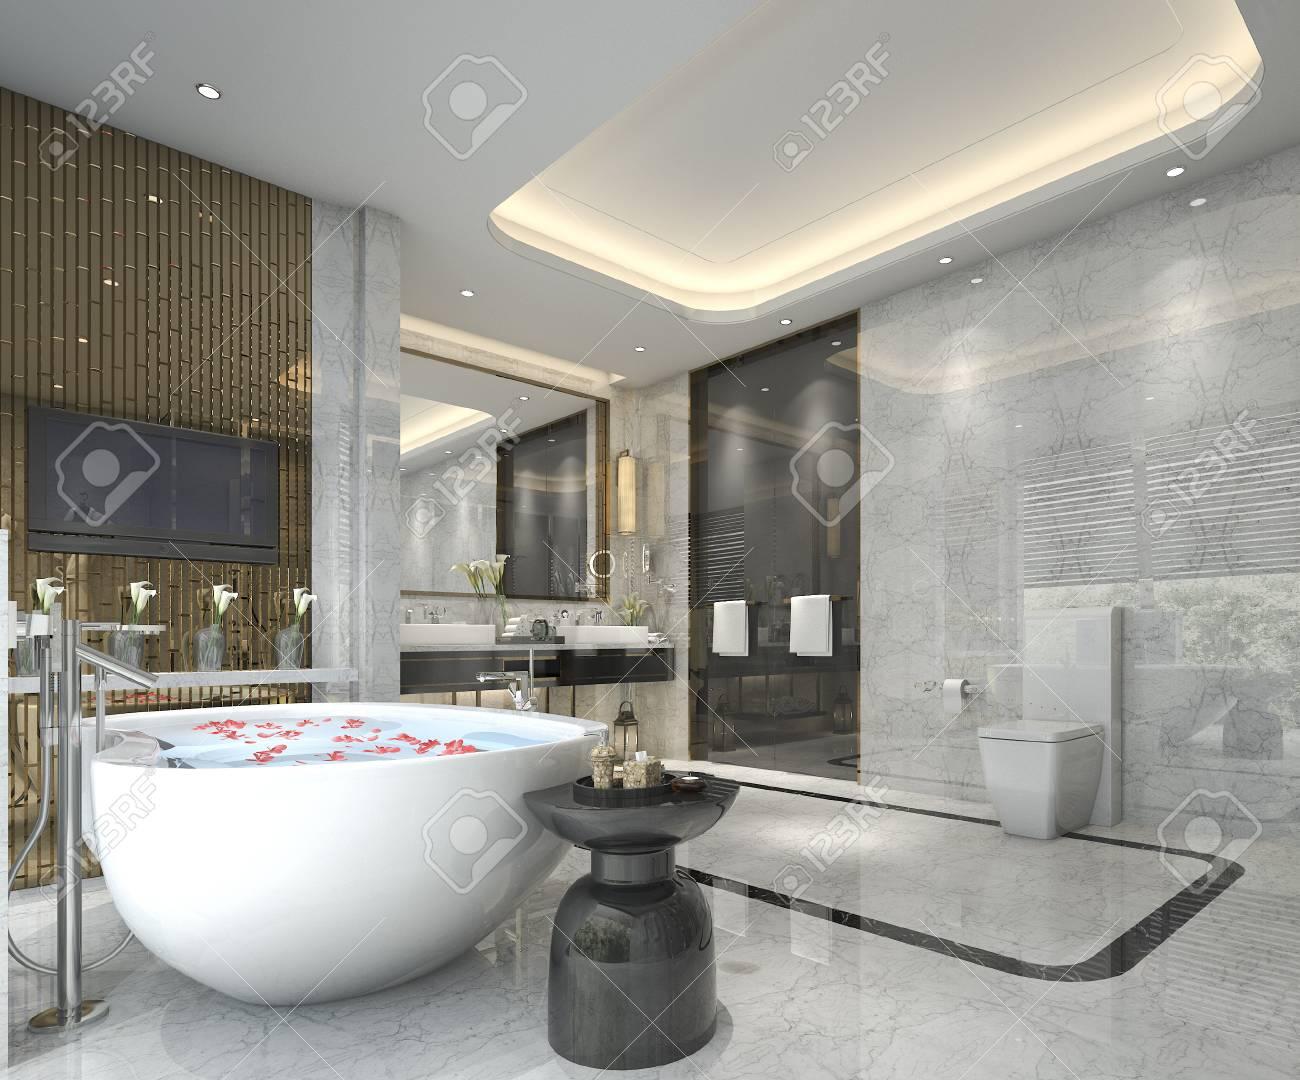 Salle De Bain Luxueuse Moderne ~ salle de bains classique moderne offrant un d cor de carrelage de